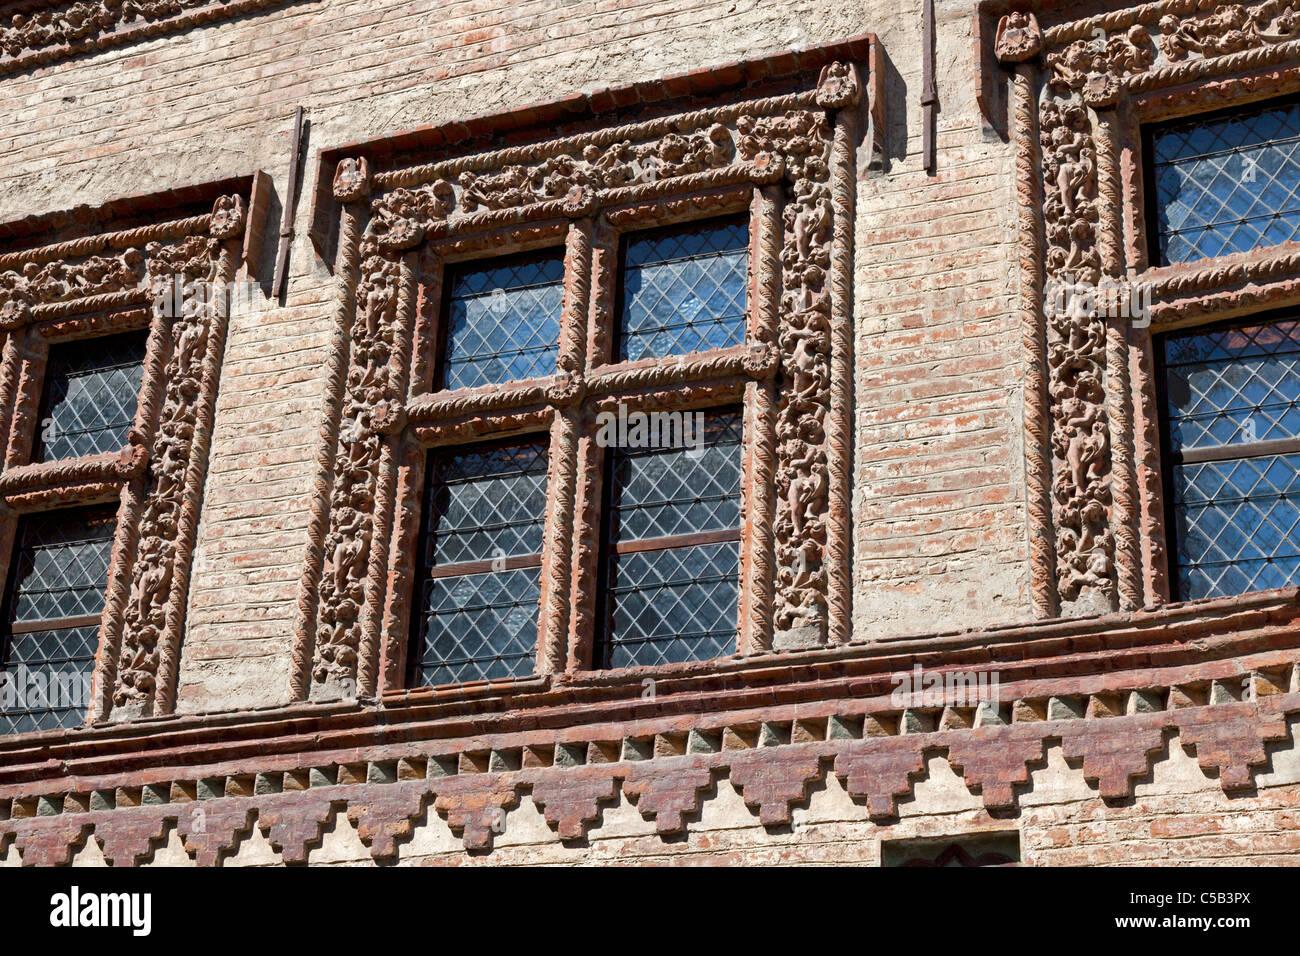 En Aosta, detalles del claustro románico ajimeces (Italia). Dans Aoste, détails des fenêtres à Imagen De Stock